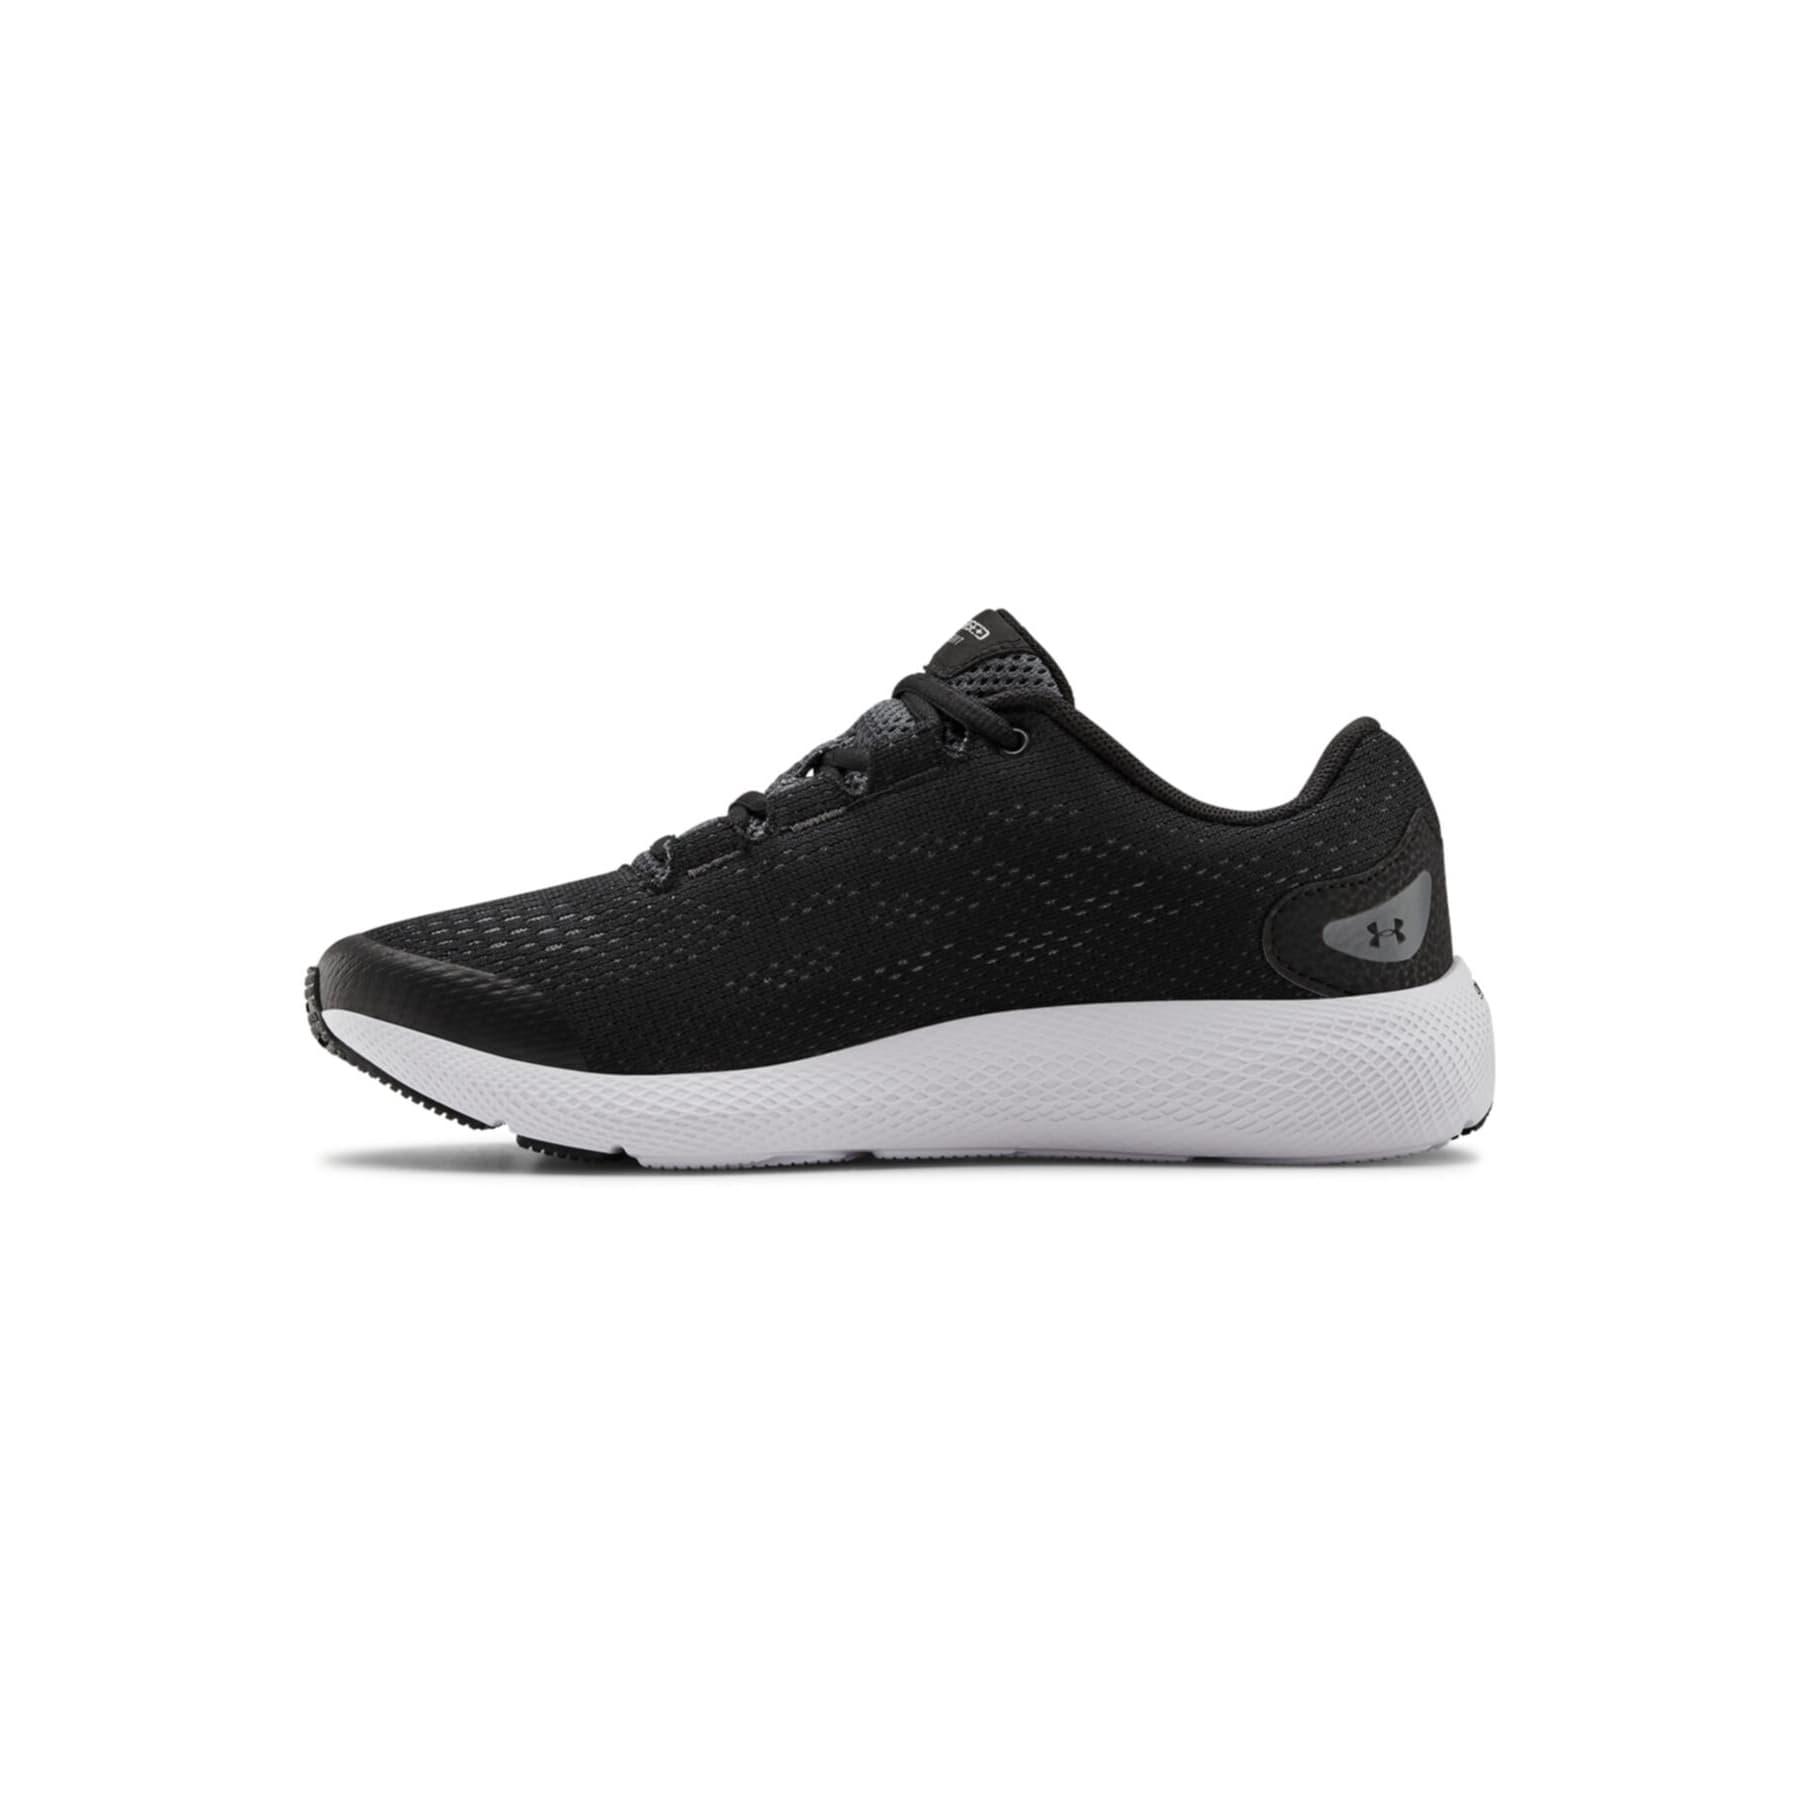 Charged Pursuit 2 Kadın Siyah Koşu Ayakkabısı (3022860-001)